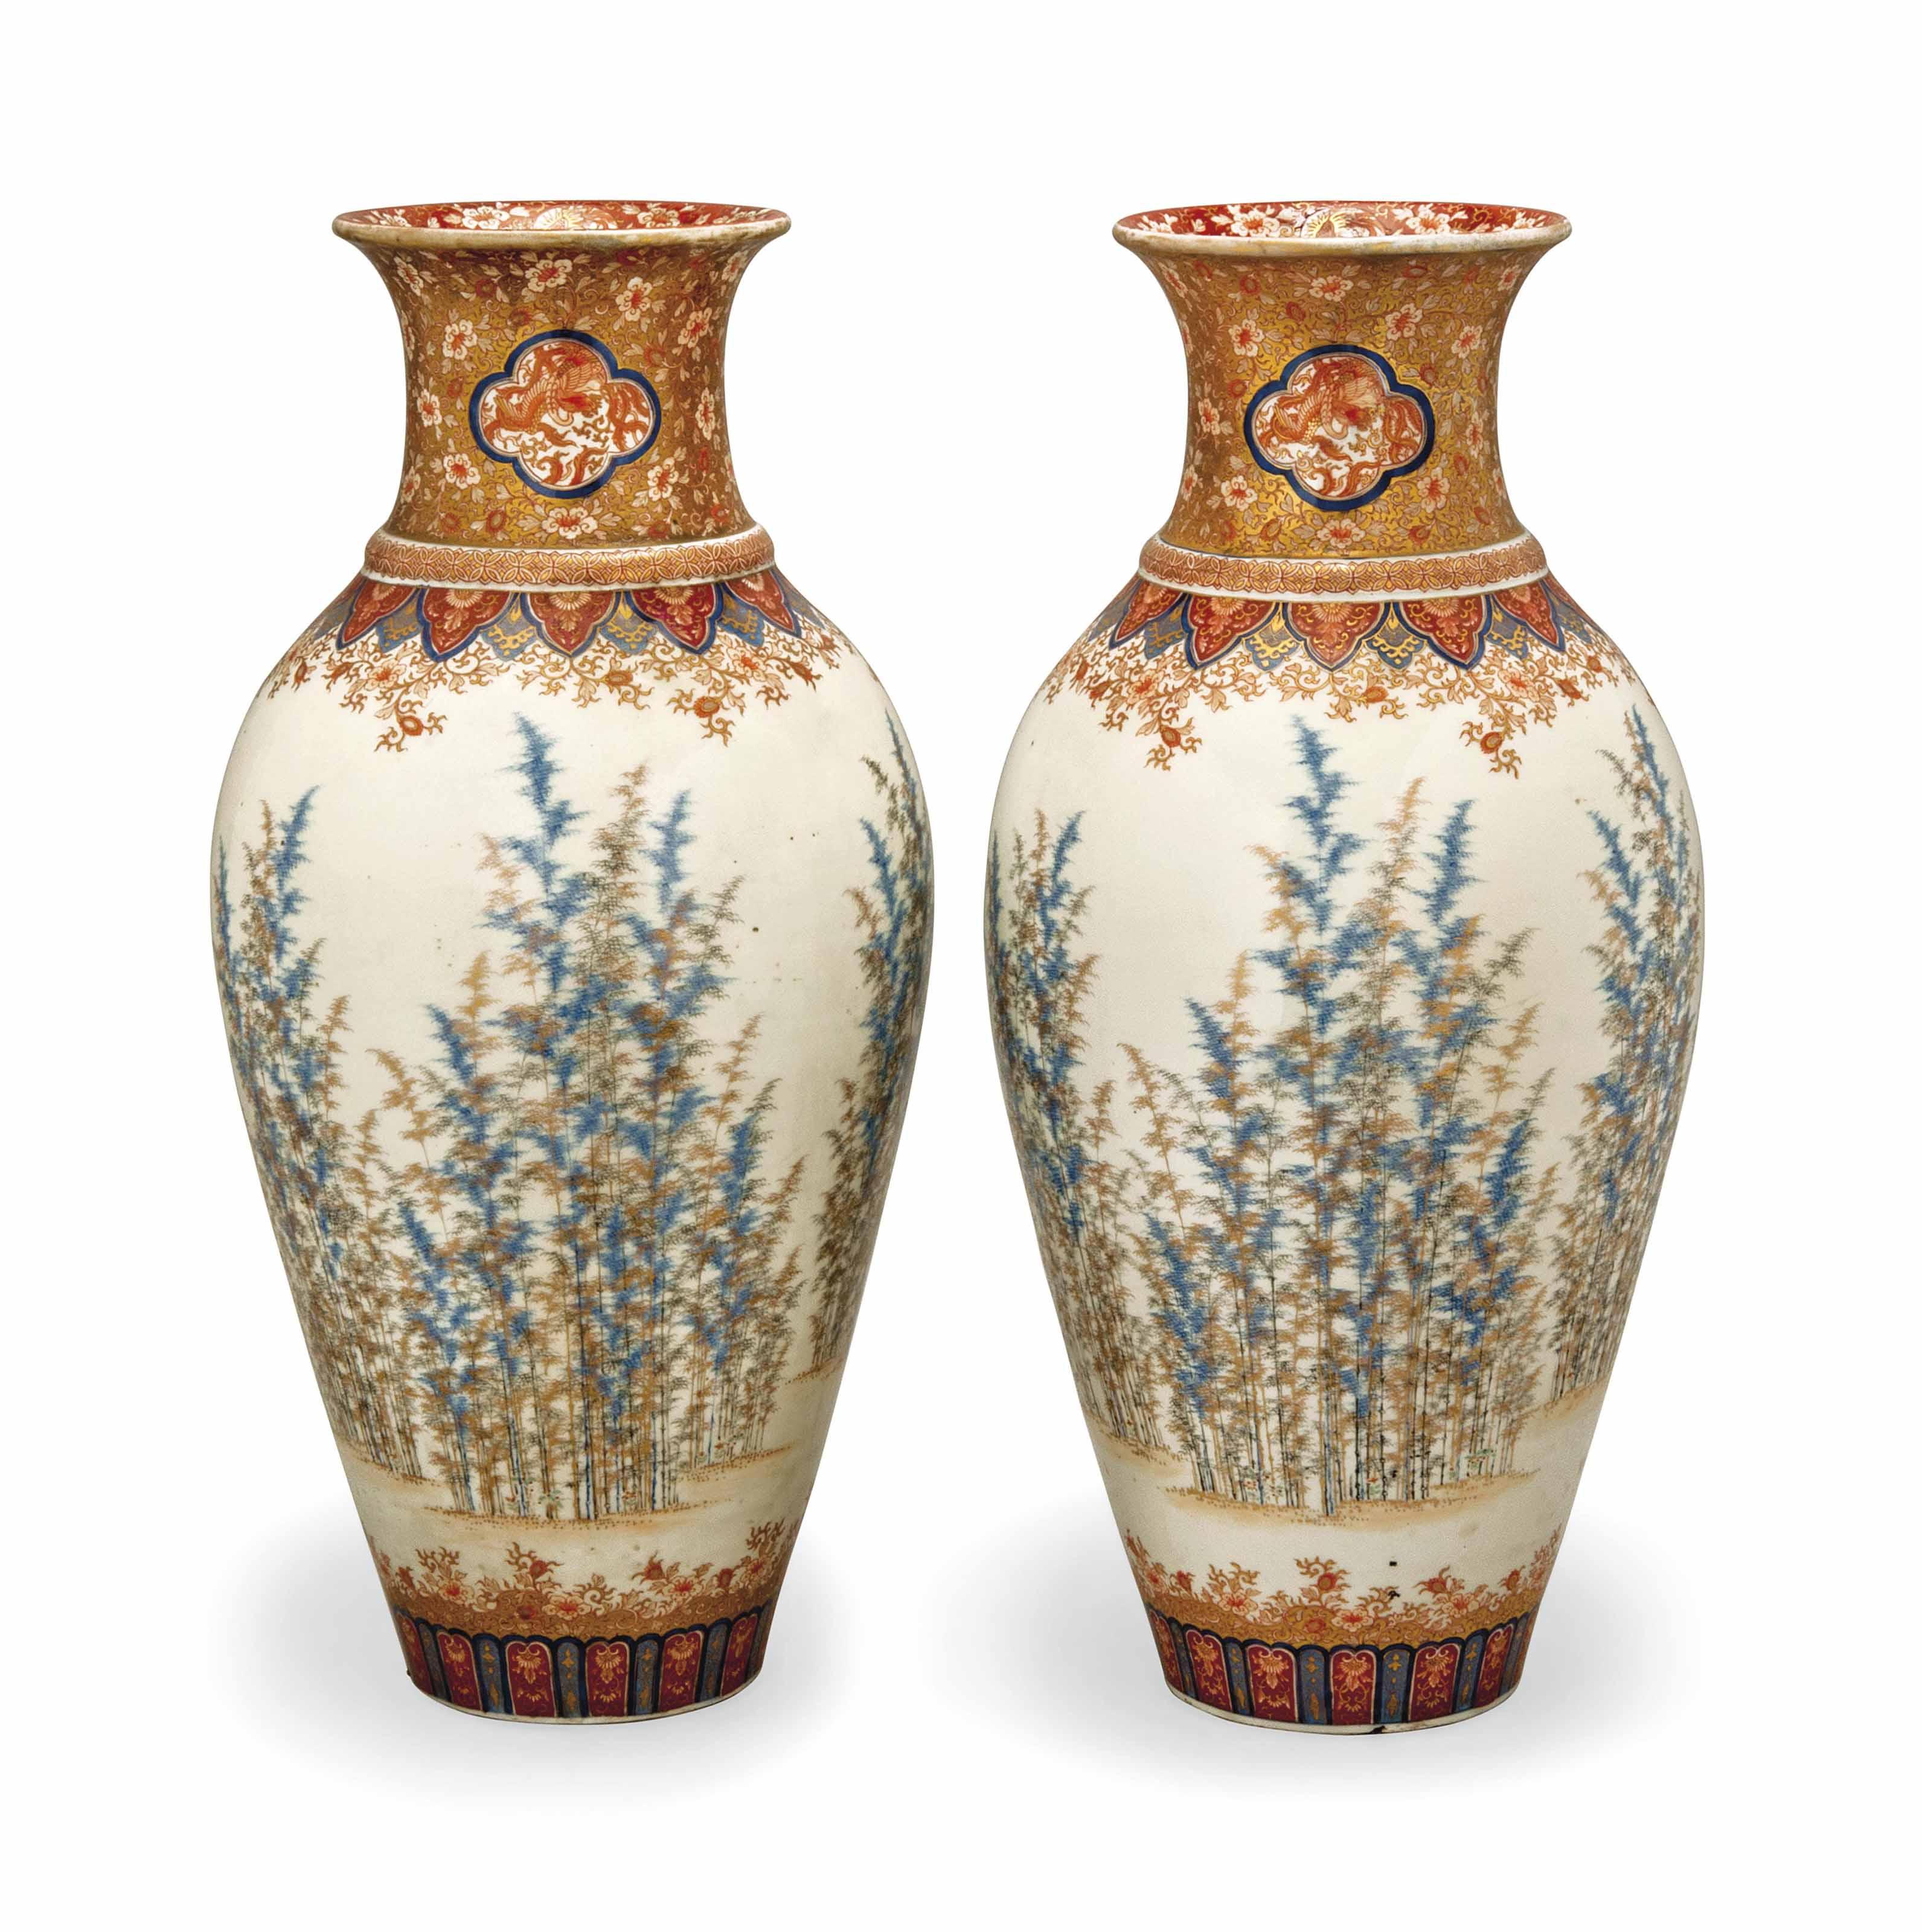 A Pair of Japanese Fukagawa Vases